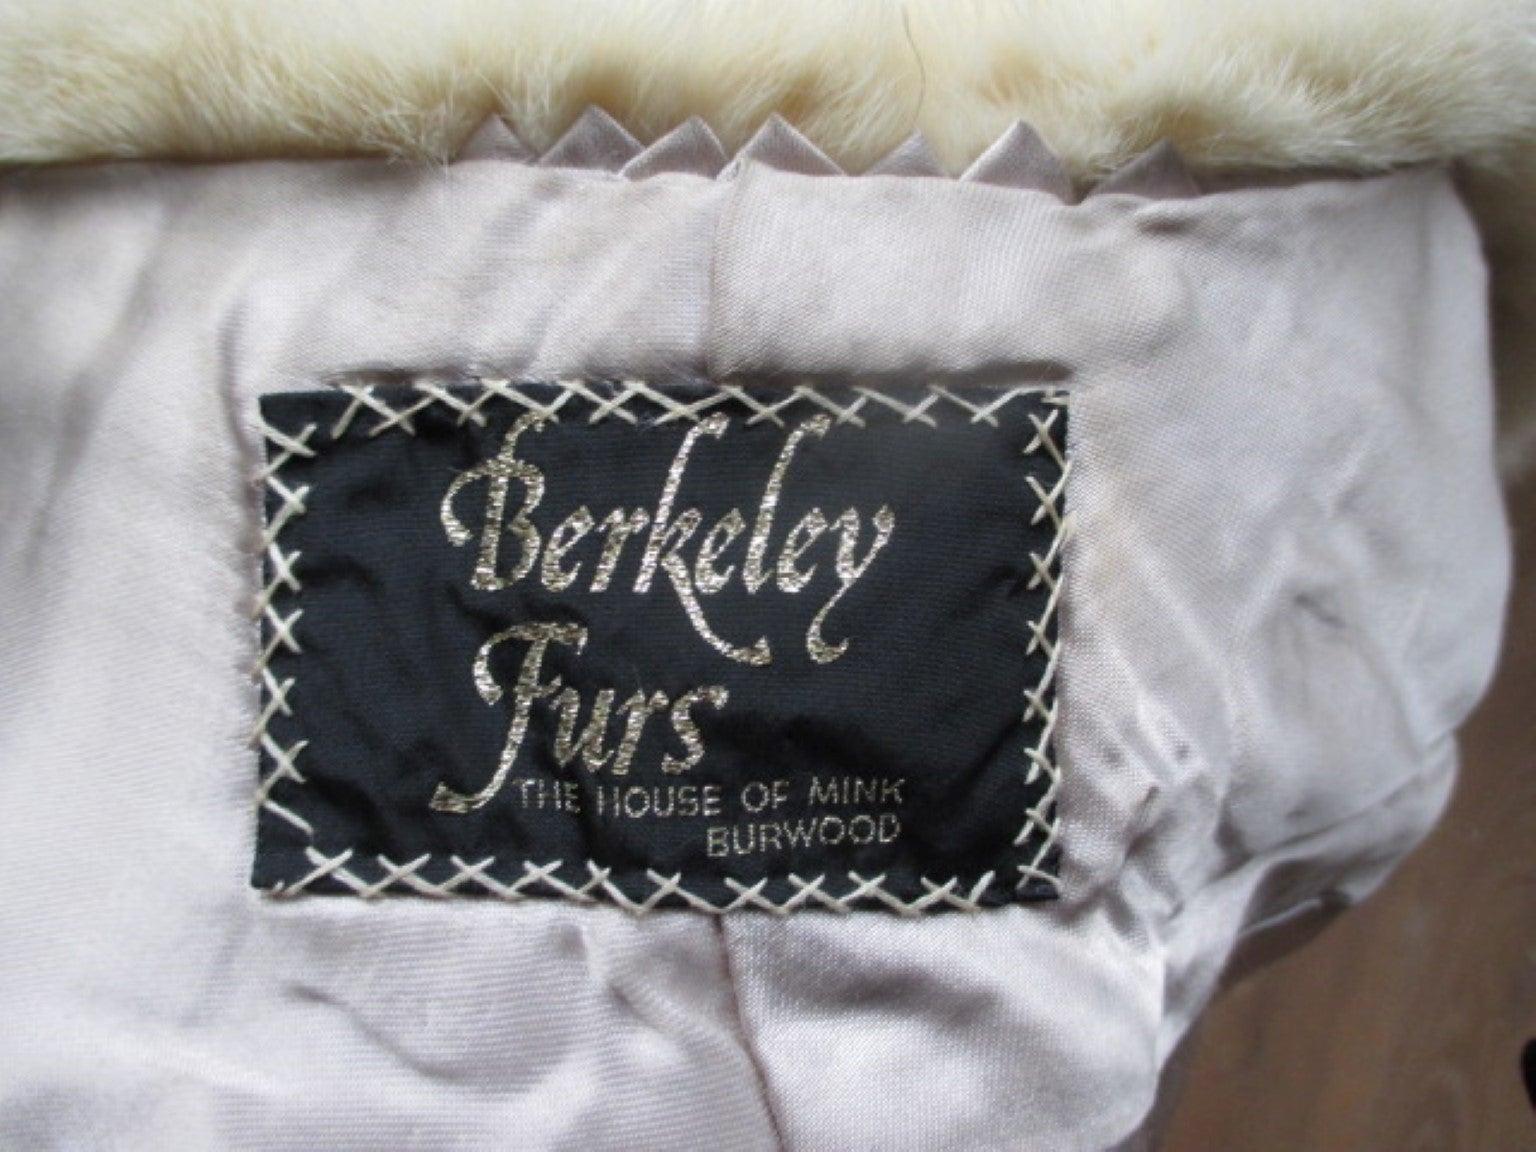 Berkeley Furs Vintage Mink Fur Stole For Sale At 1stdibs